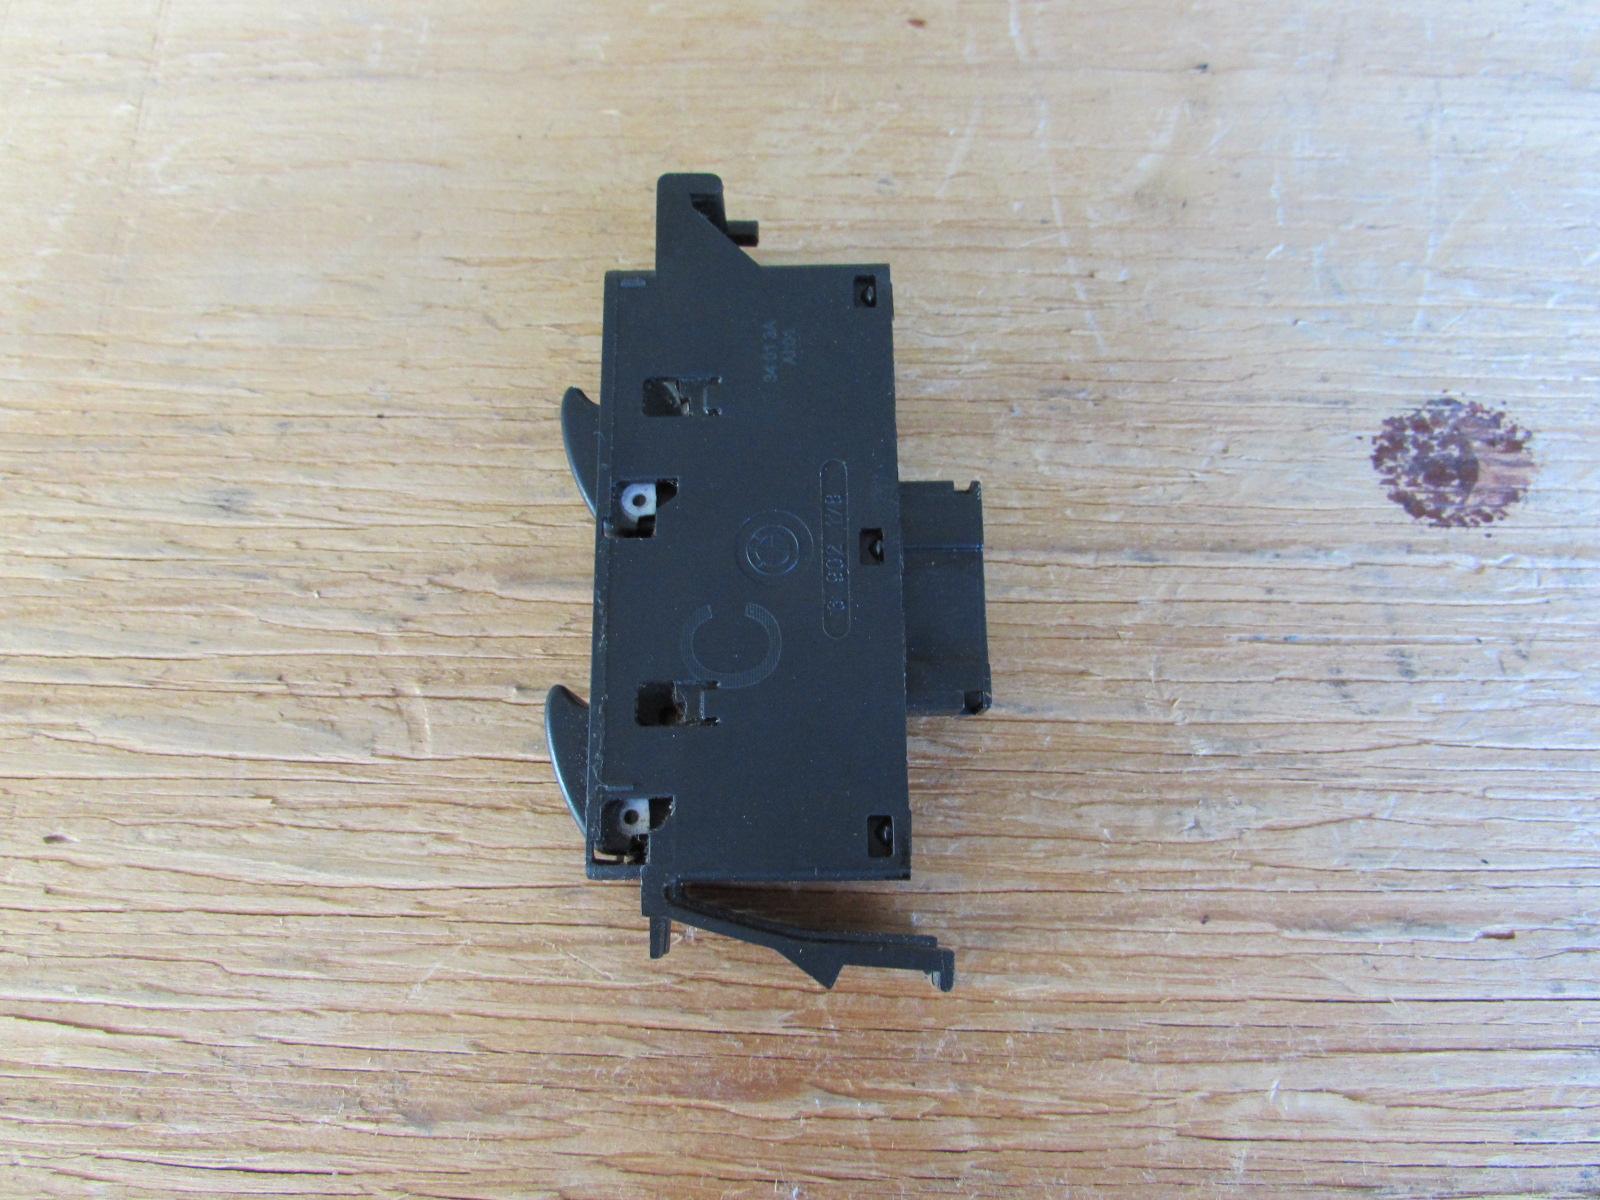 Bmw window switches right side 61316902178 e46 323ci for 2001 bmw 330ci window switch